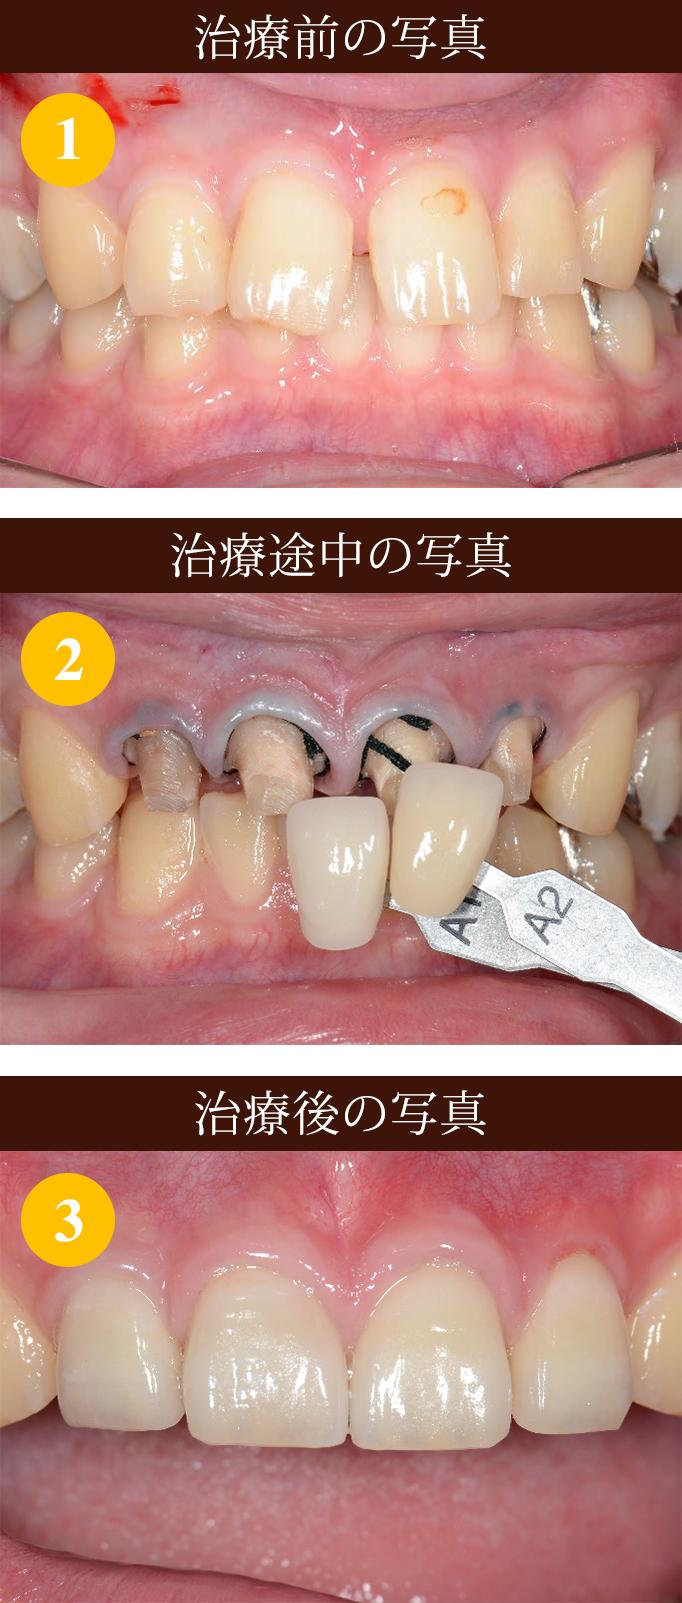 空隙歯列 (すきっ歯) 難治療 ①写真